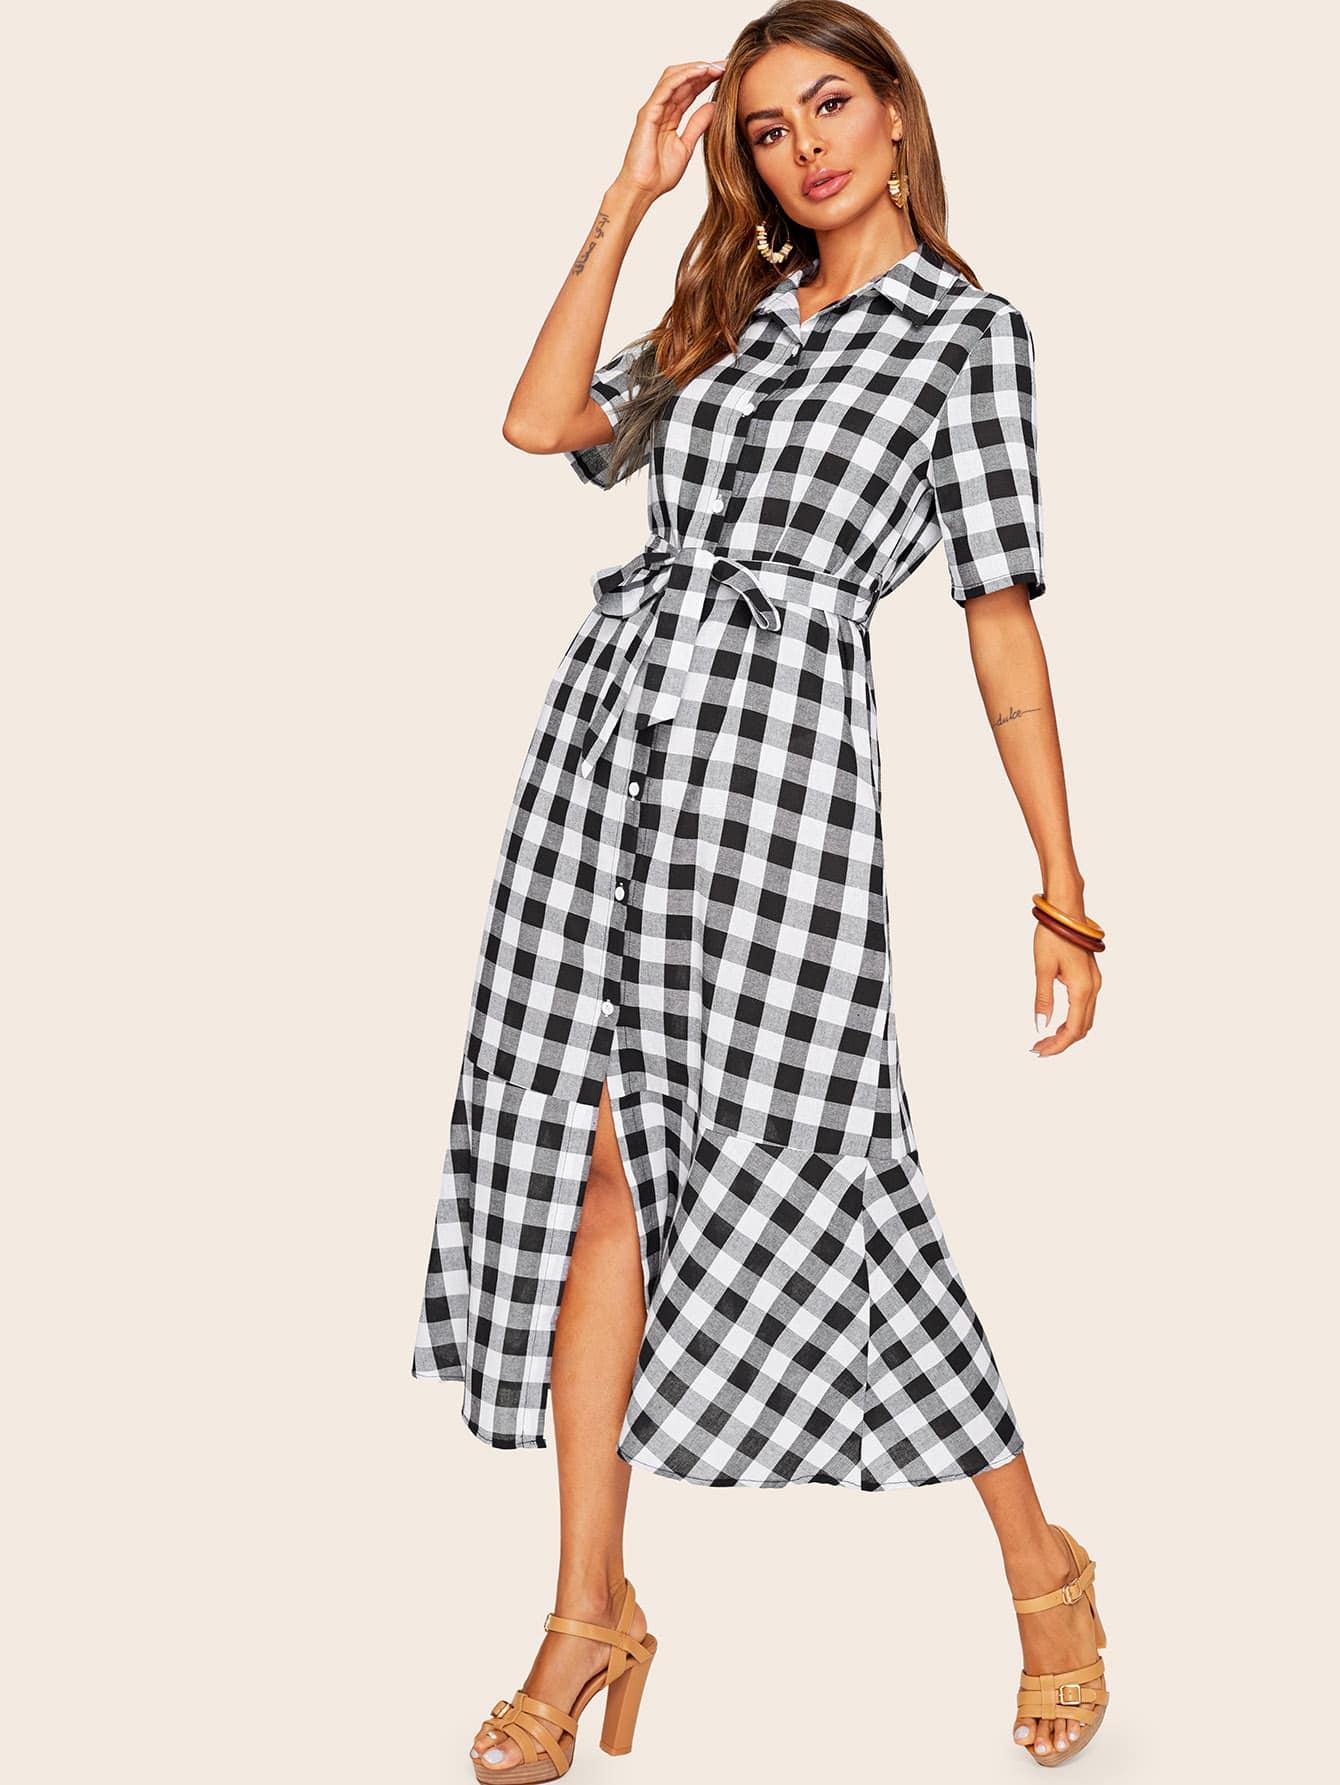 Фото - Платье-рубашка в клетку с оборками и поясом от SheIn цвет чёрнобелые